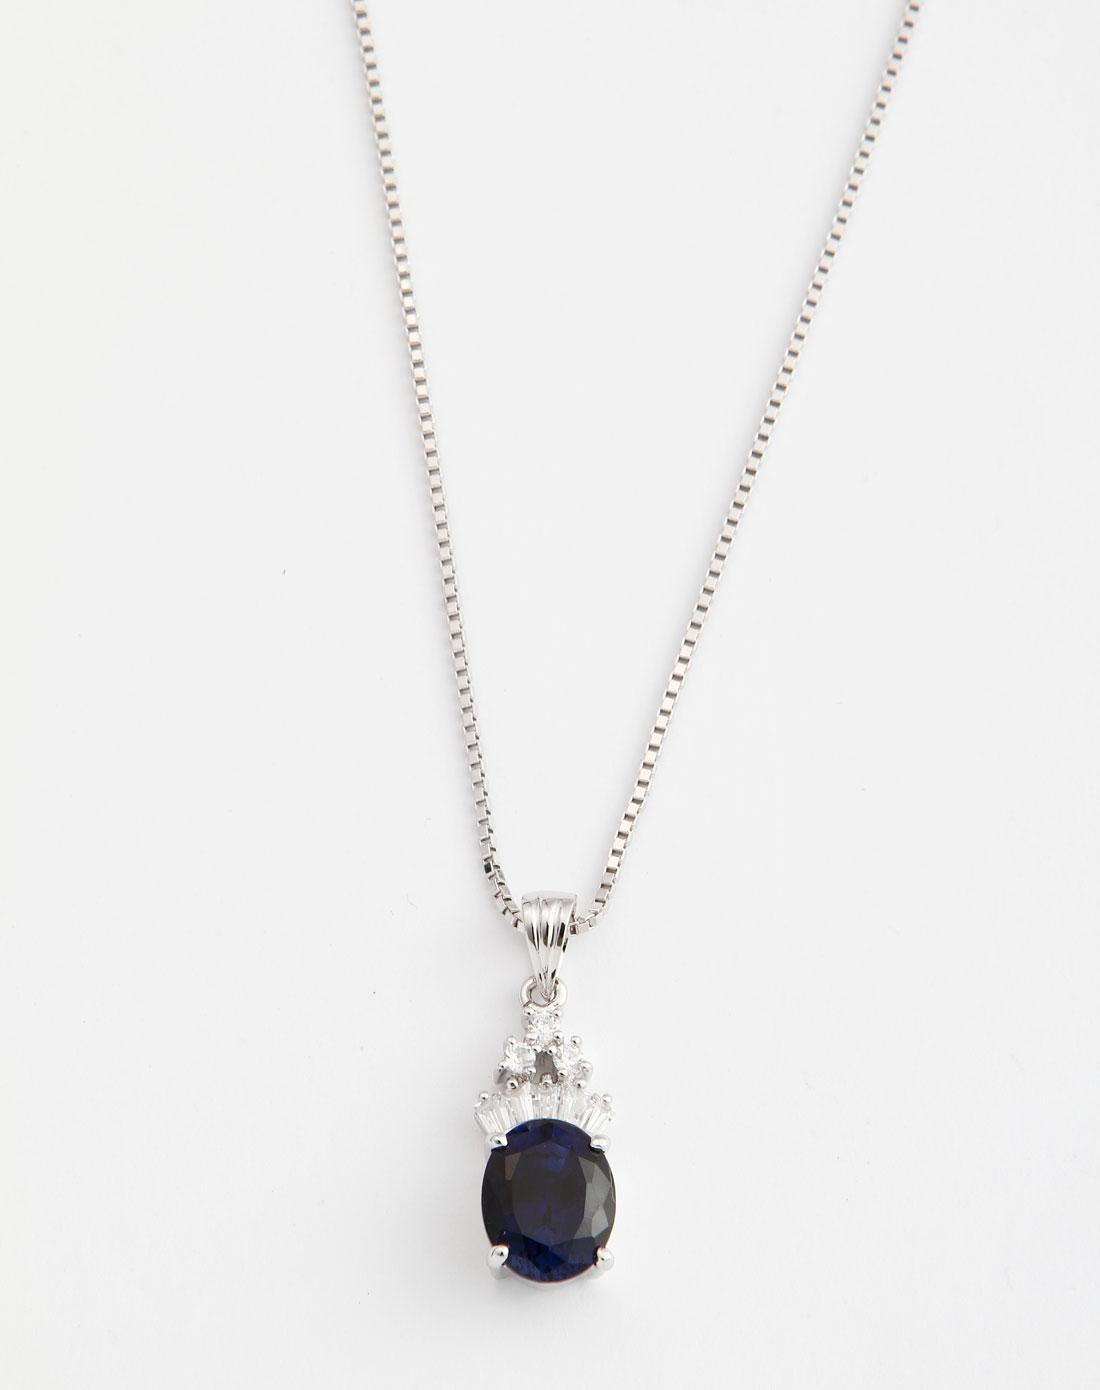 蓝色宝石皇冠吊坠项链